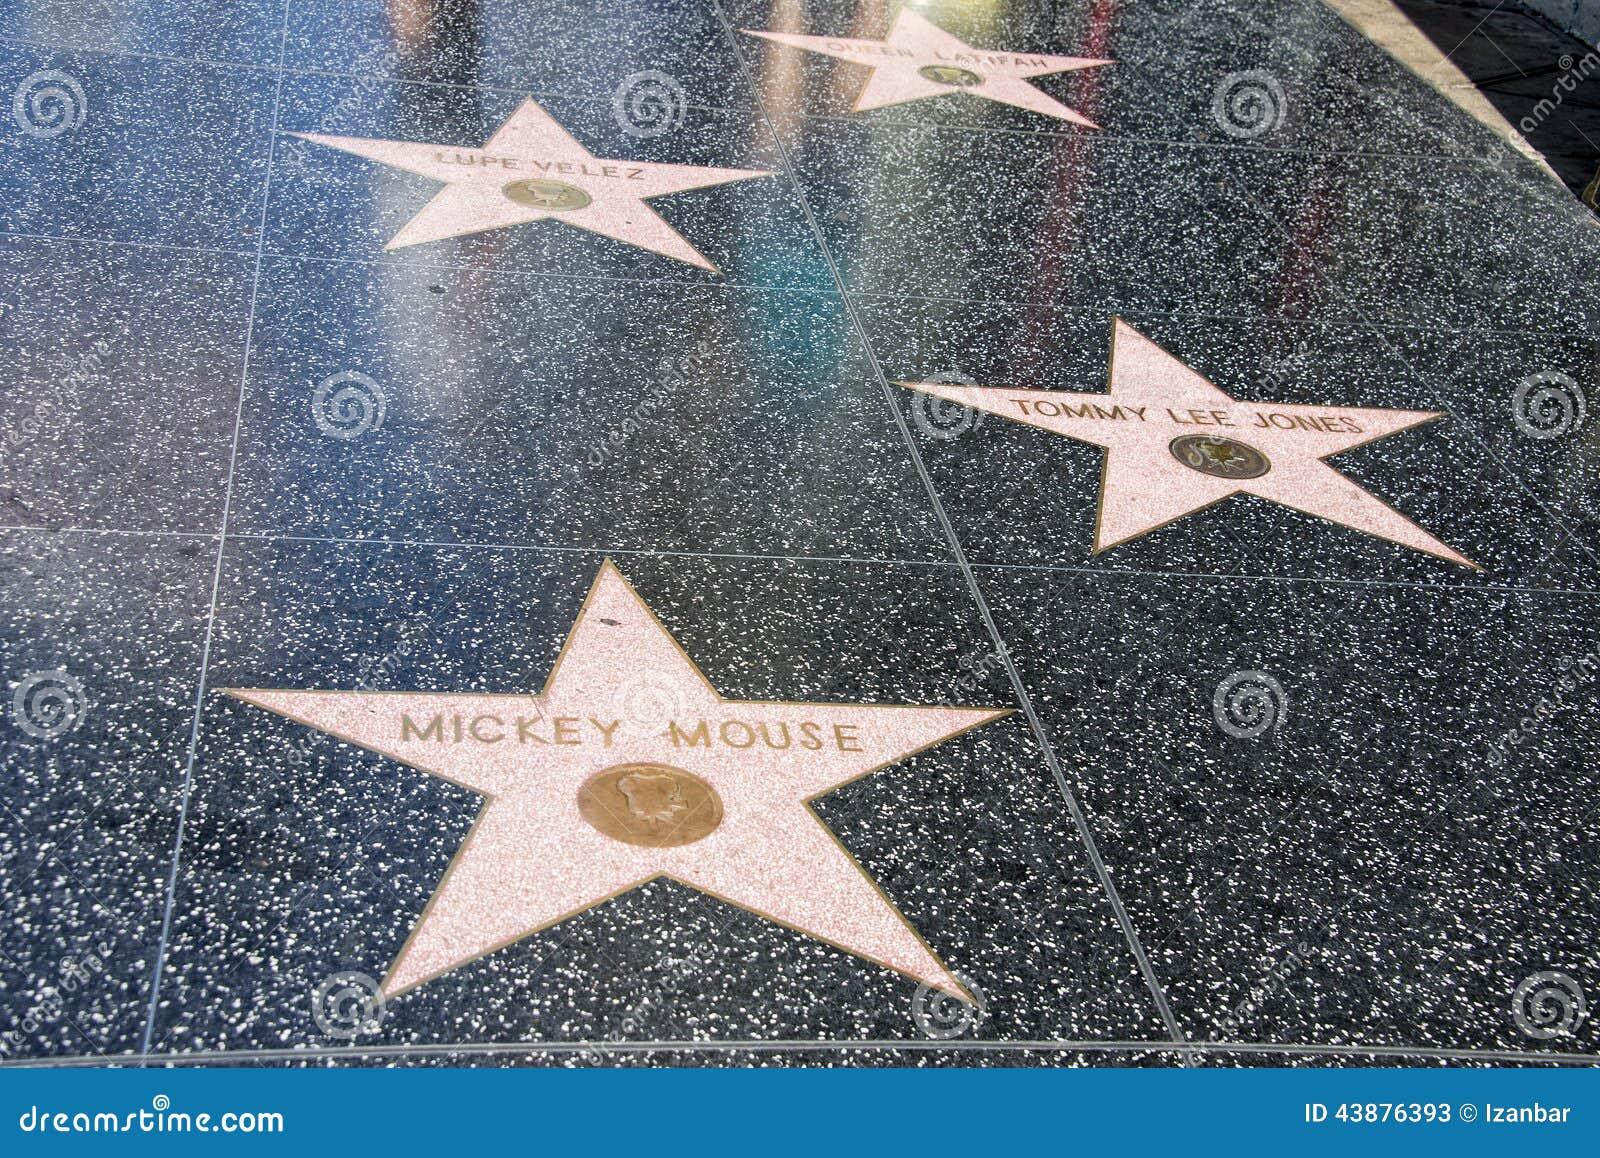 Hollywoodgang van Bekendheid Mickey Mouse